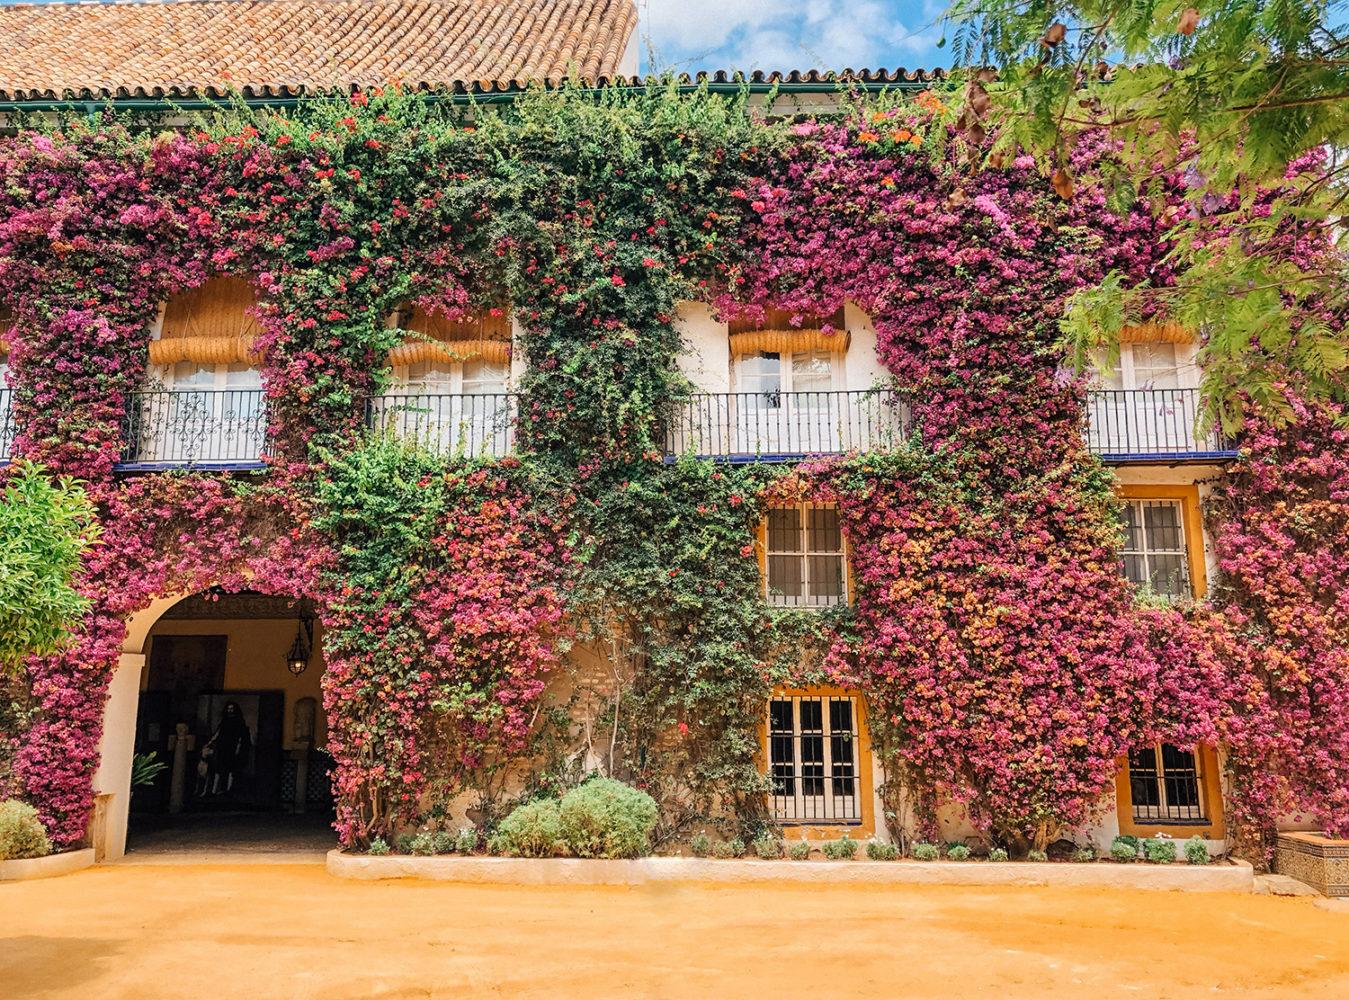 Le patio intérieur maculé de fleurs roses, absolument magnifique !